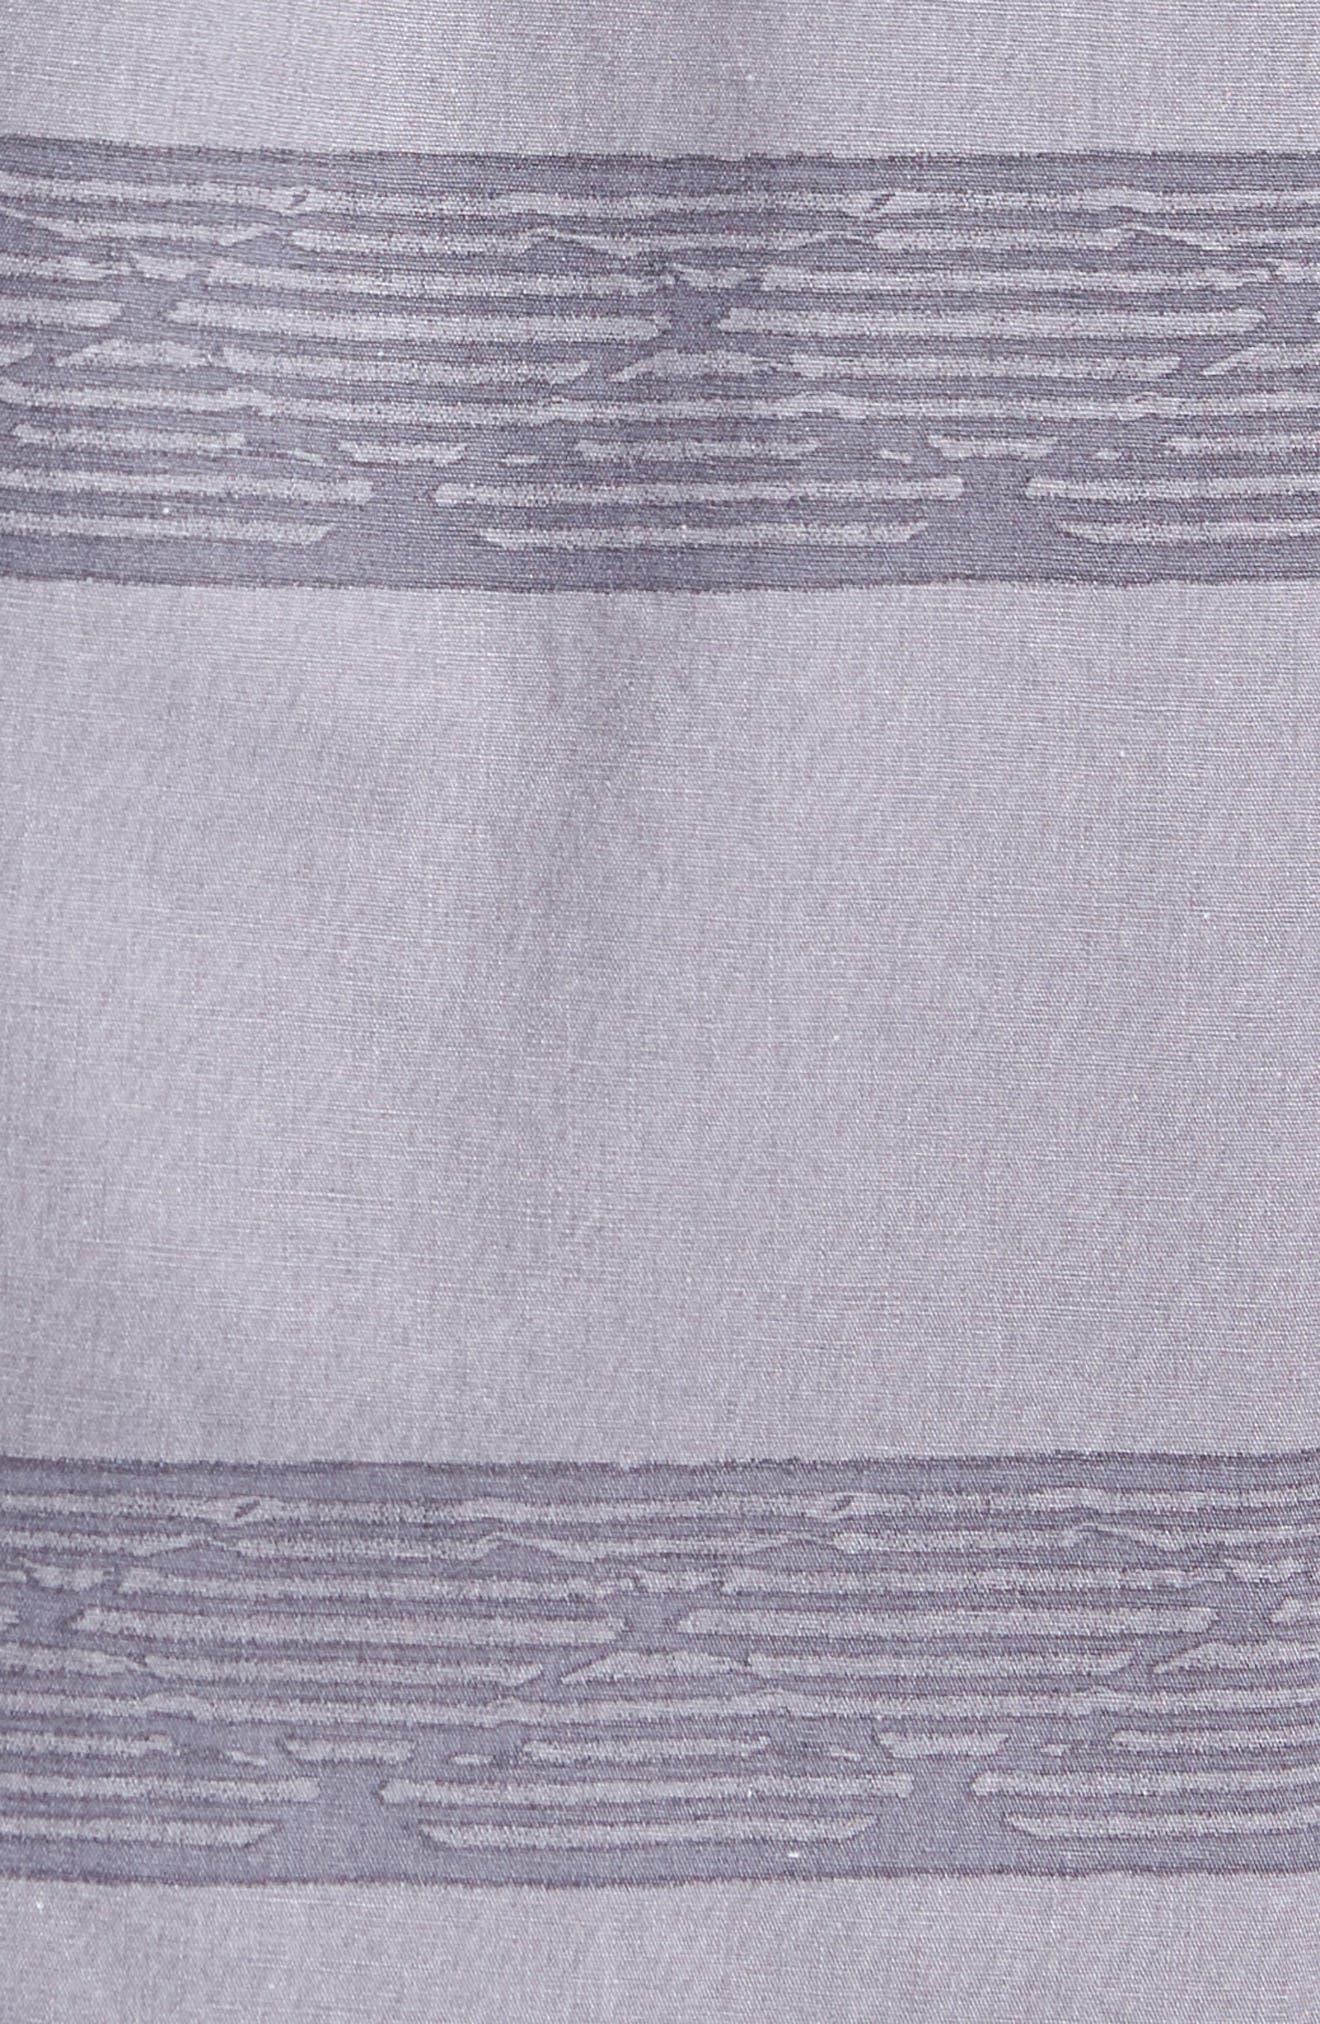 Wagner Woven Shirt,                             Alternate thumbnail 5, color,                             Fog